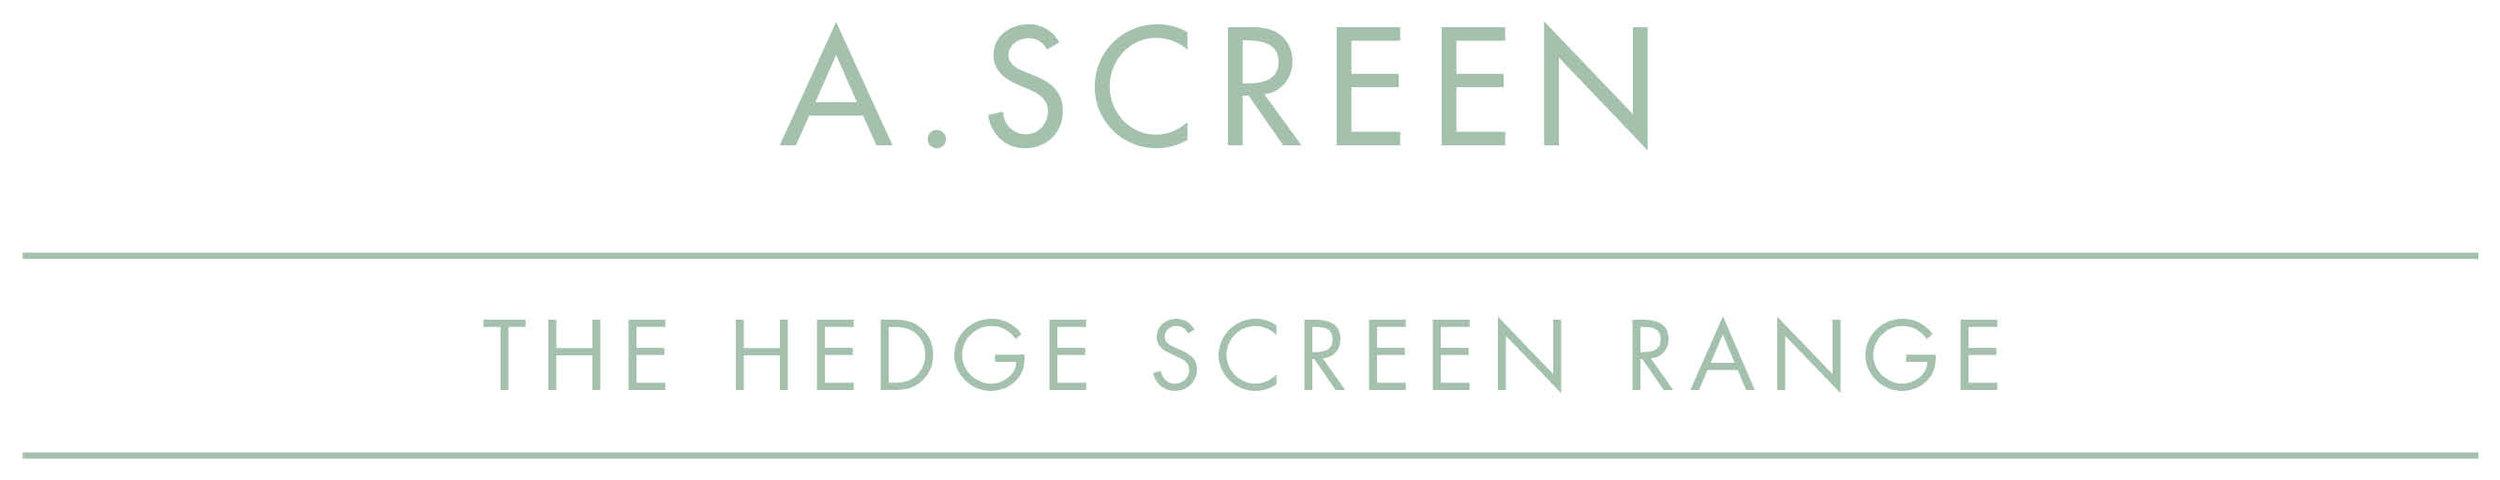 A.SCREEN hedge range_1.jpg